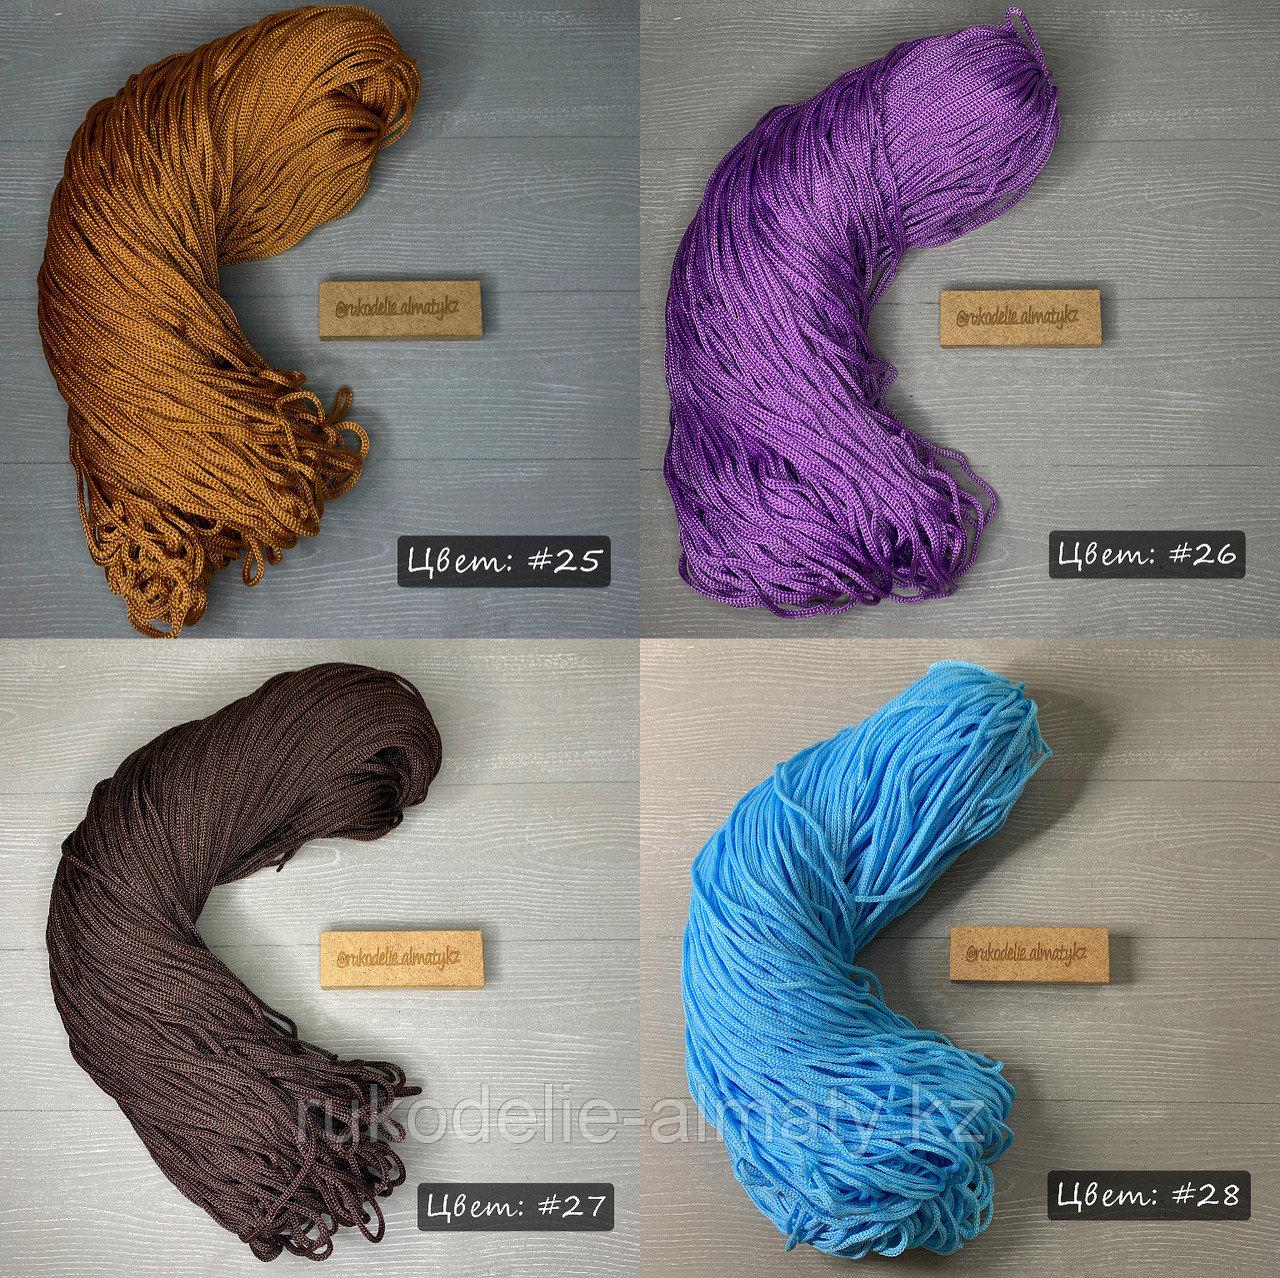 Полиэфирный шнур без сердечника, 3мм, пасма коричневый - фото 4